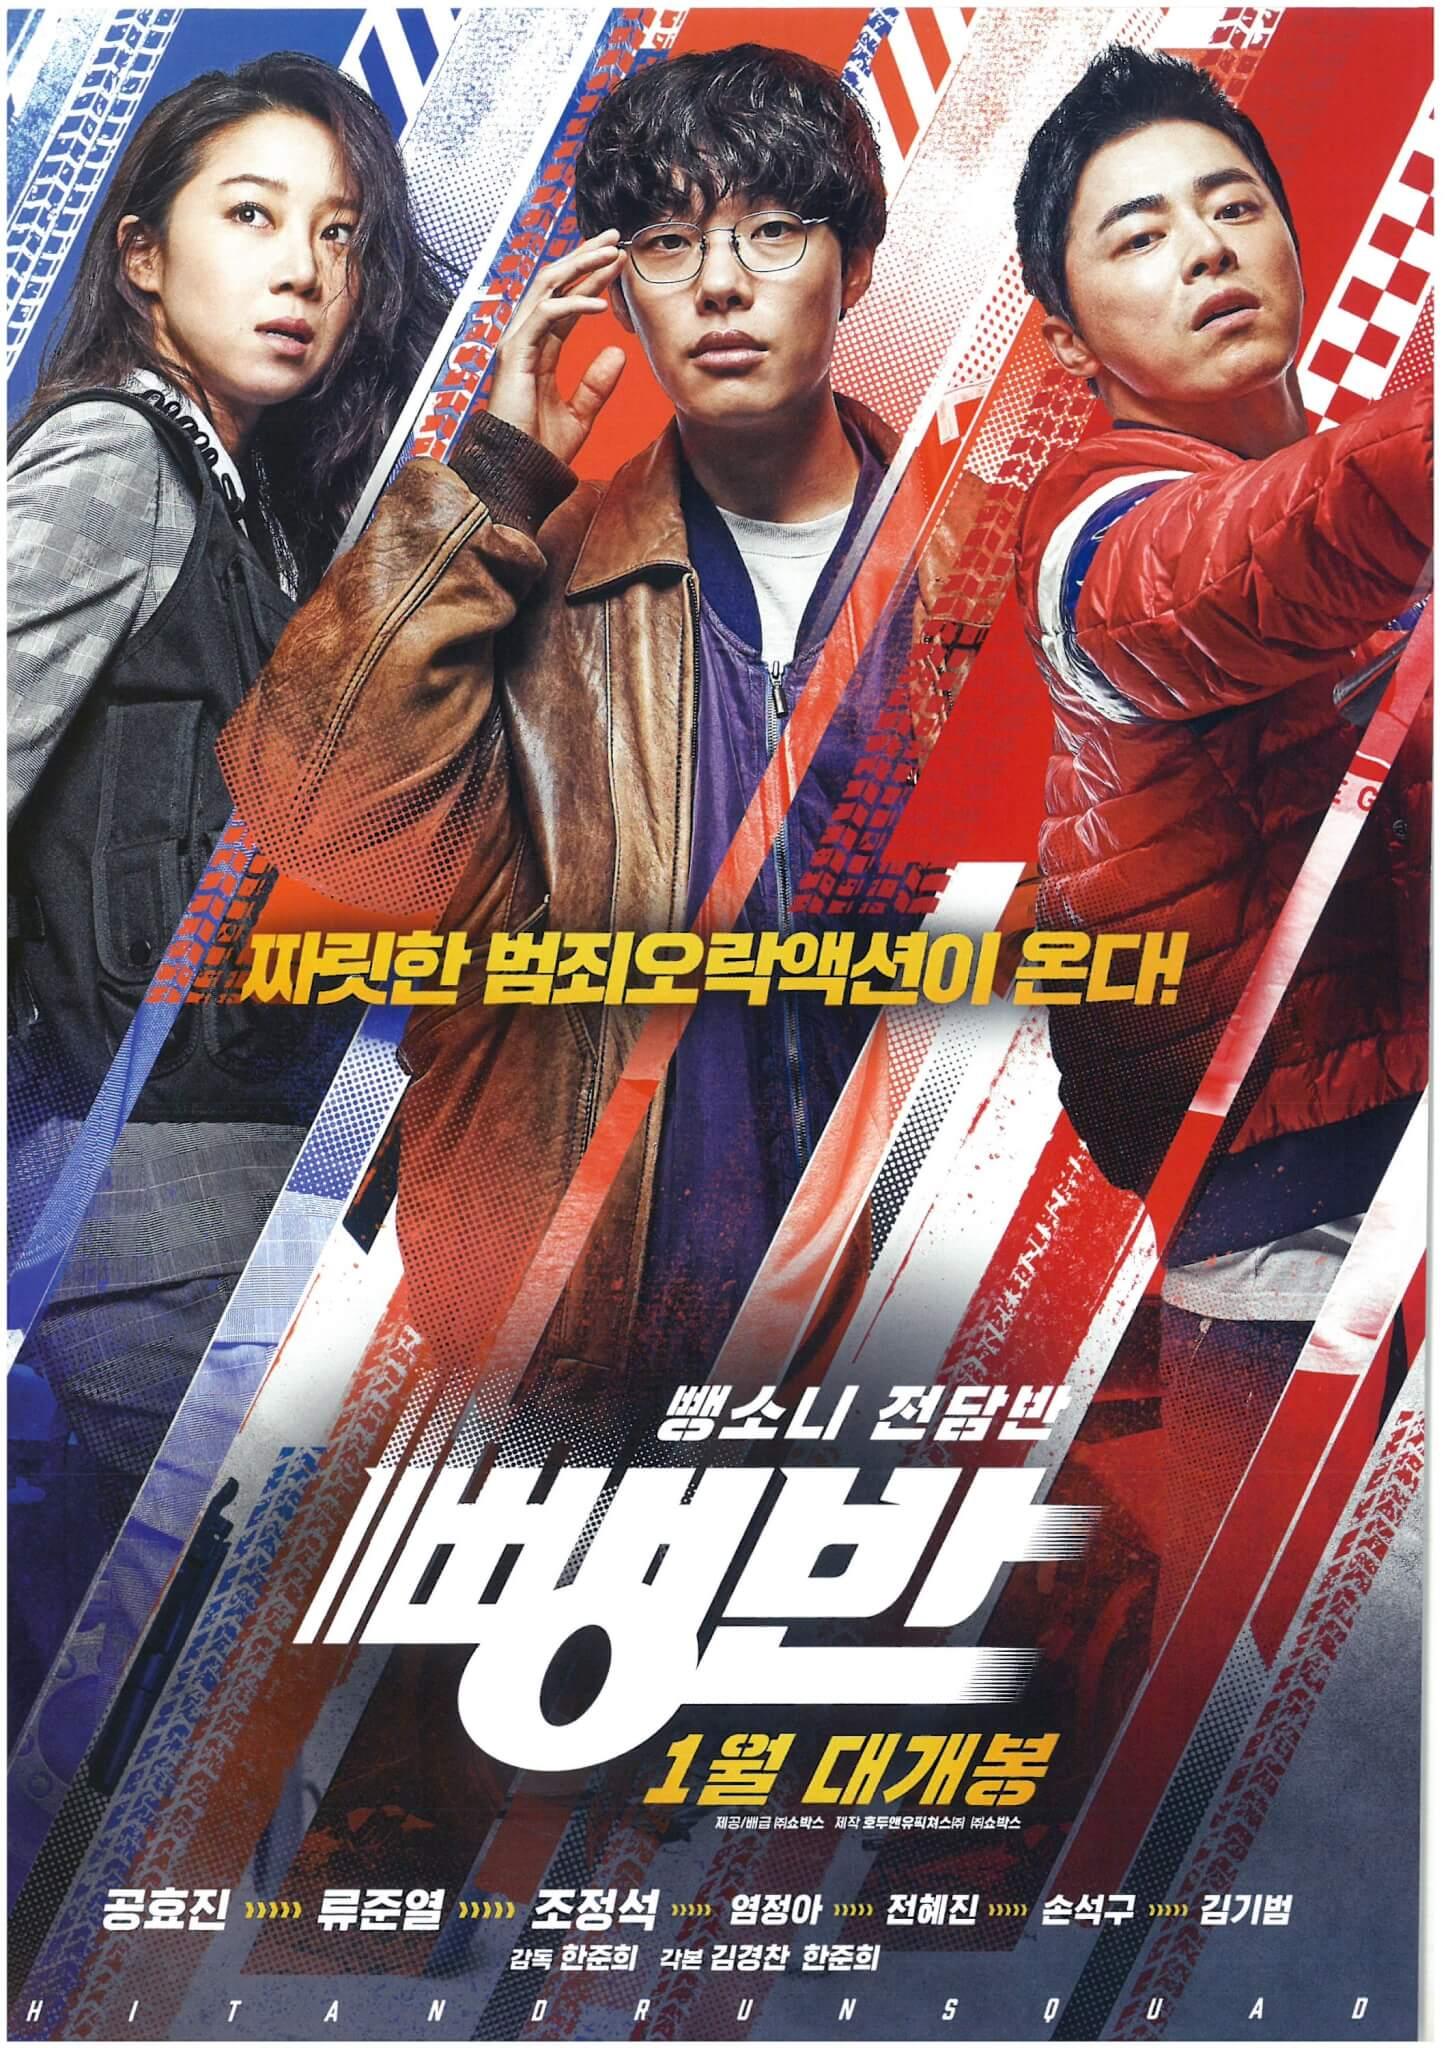 《飆風特警》即將在三月廿八日香港上映